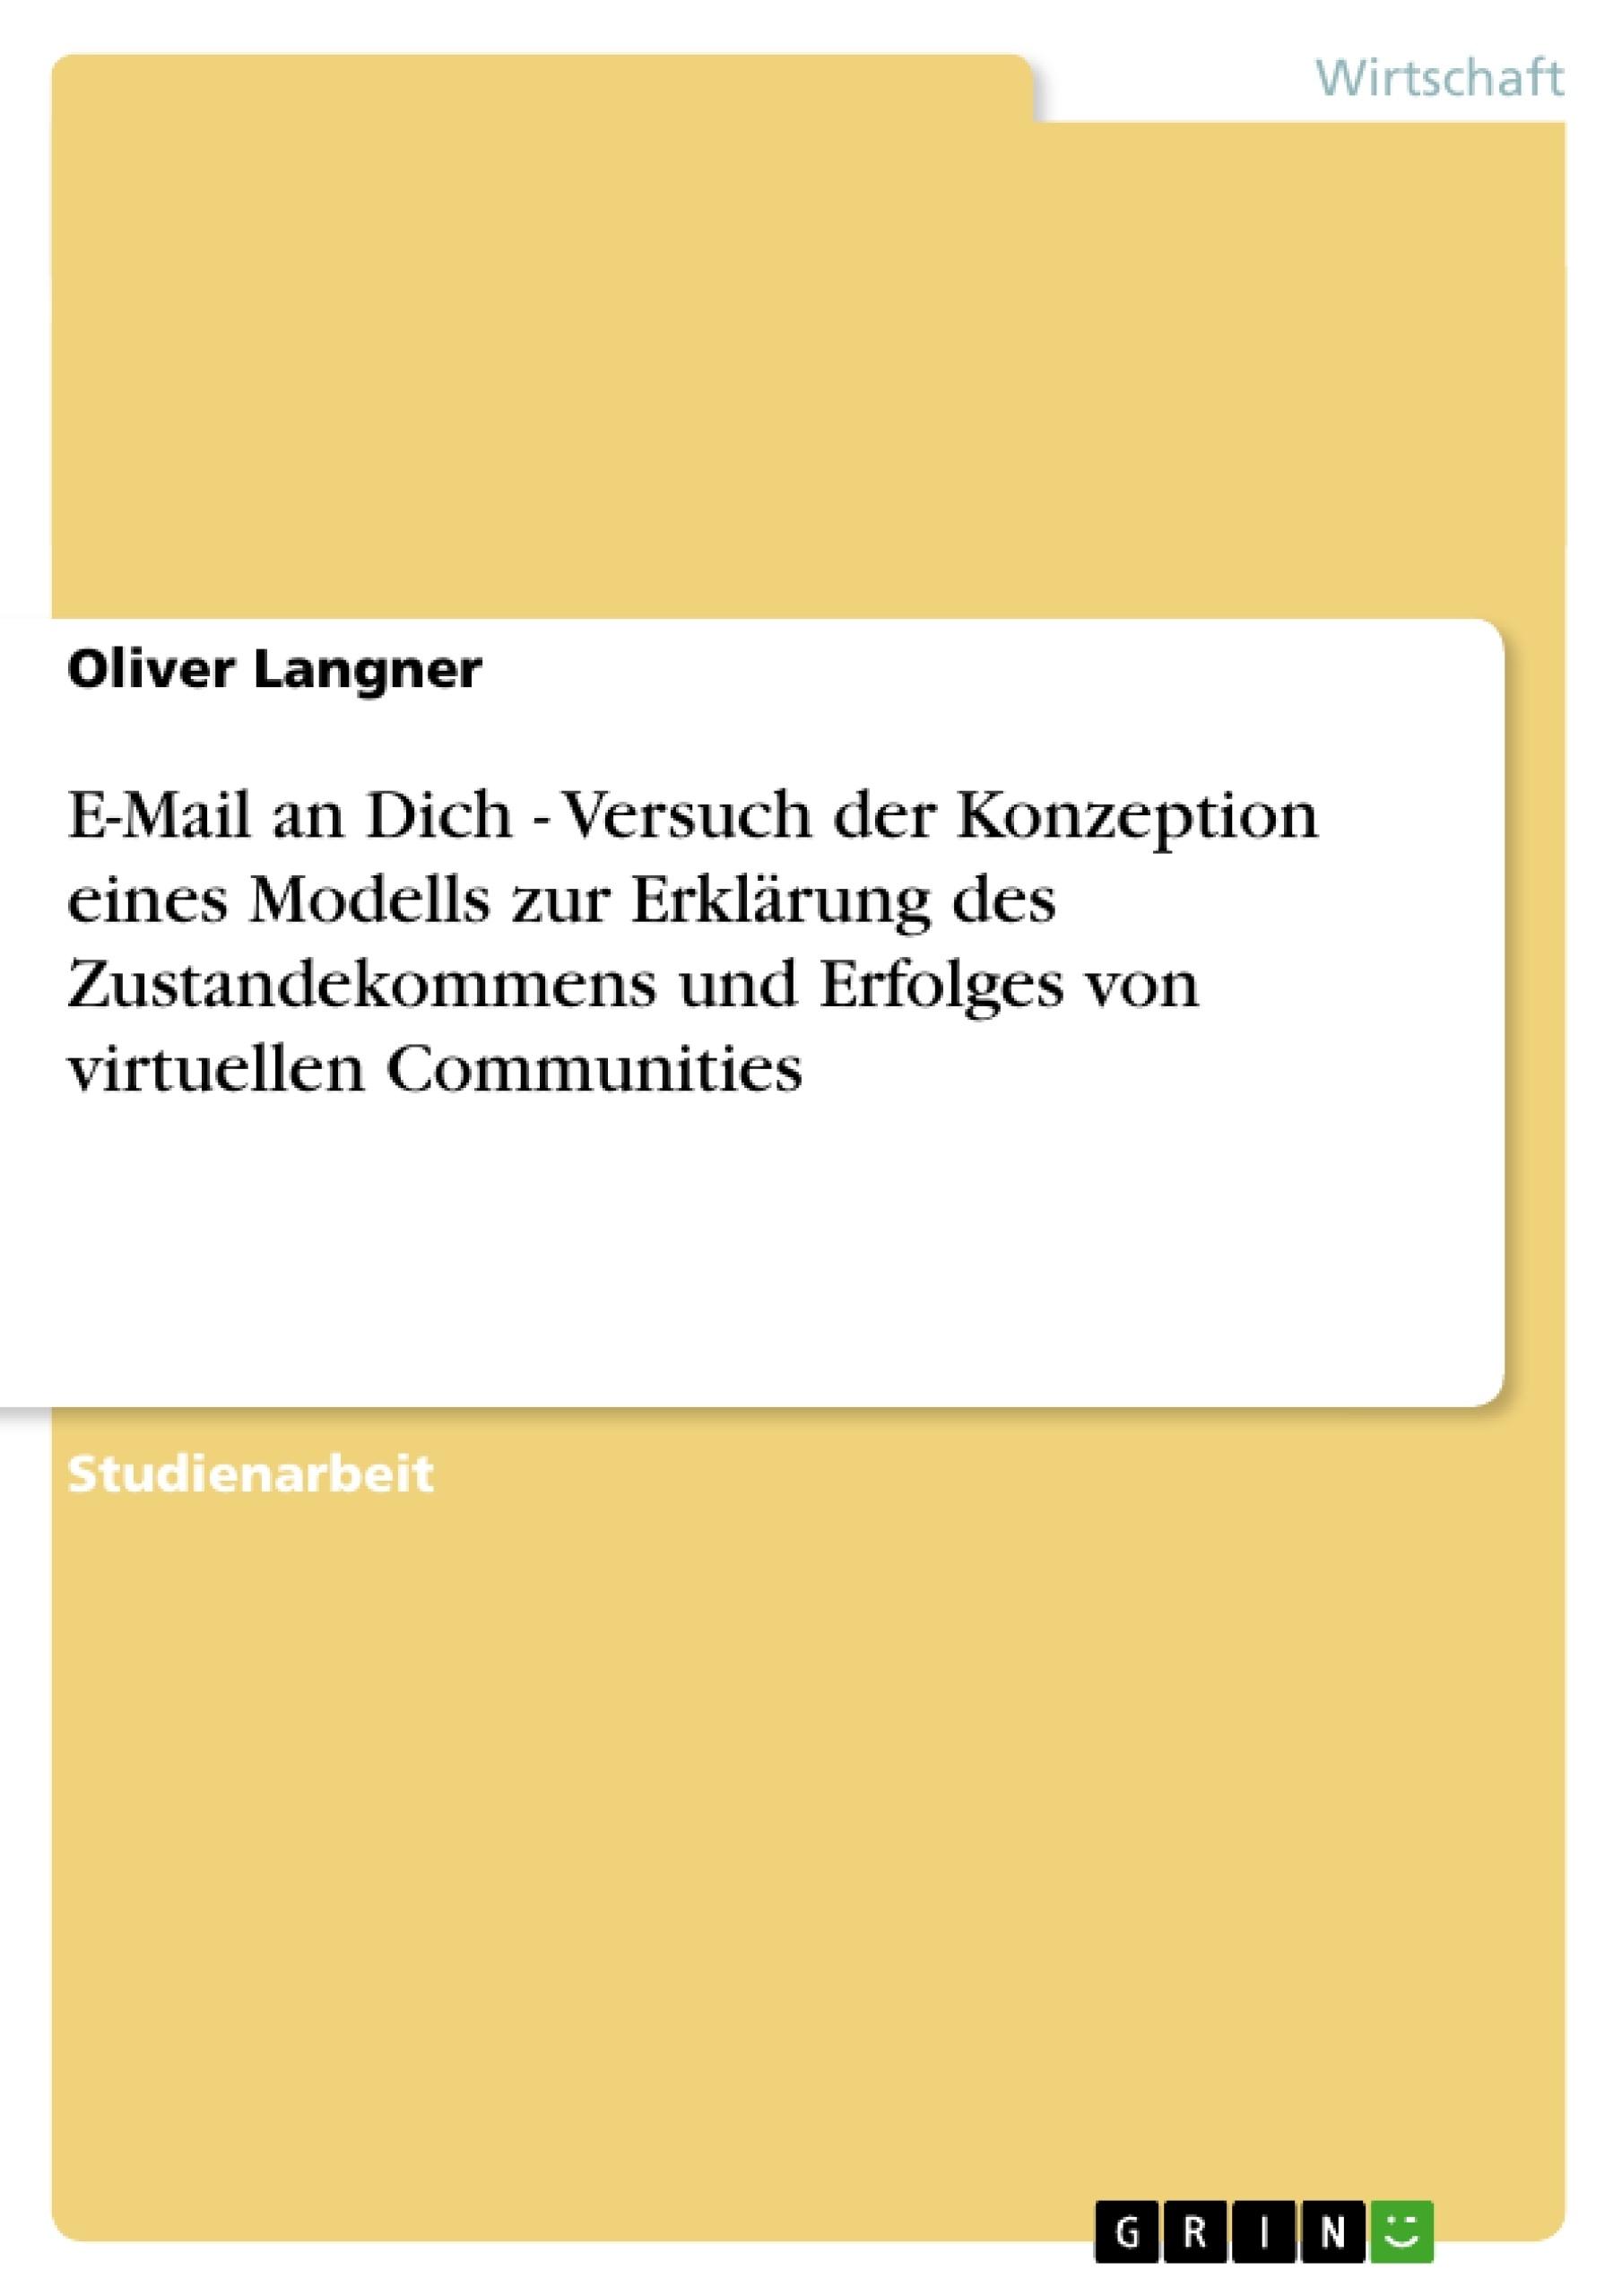 Titel: E-Mail an Dich - Versuch der Konzeption eines Modells zur Erklärung des Zustandekommens und Erfolges von virtuellen Communities